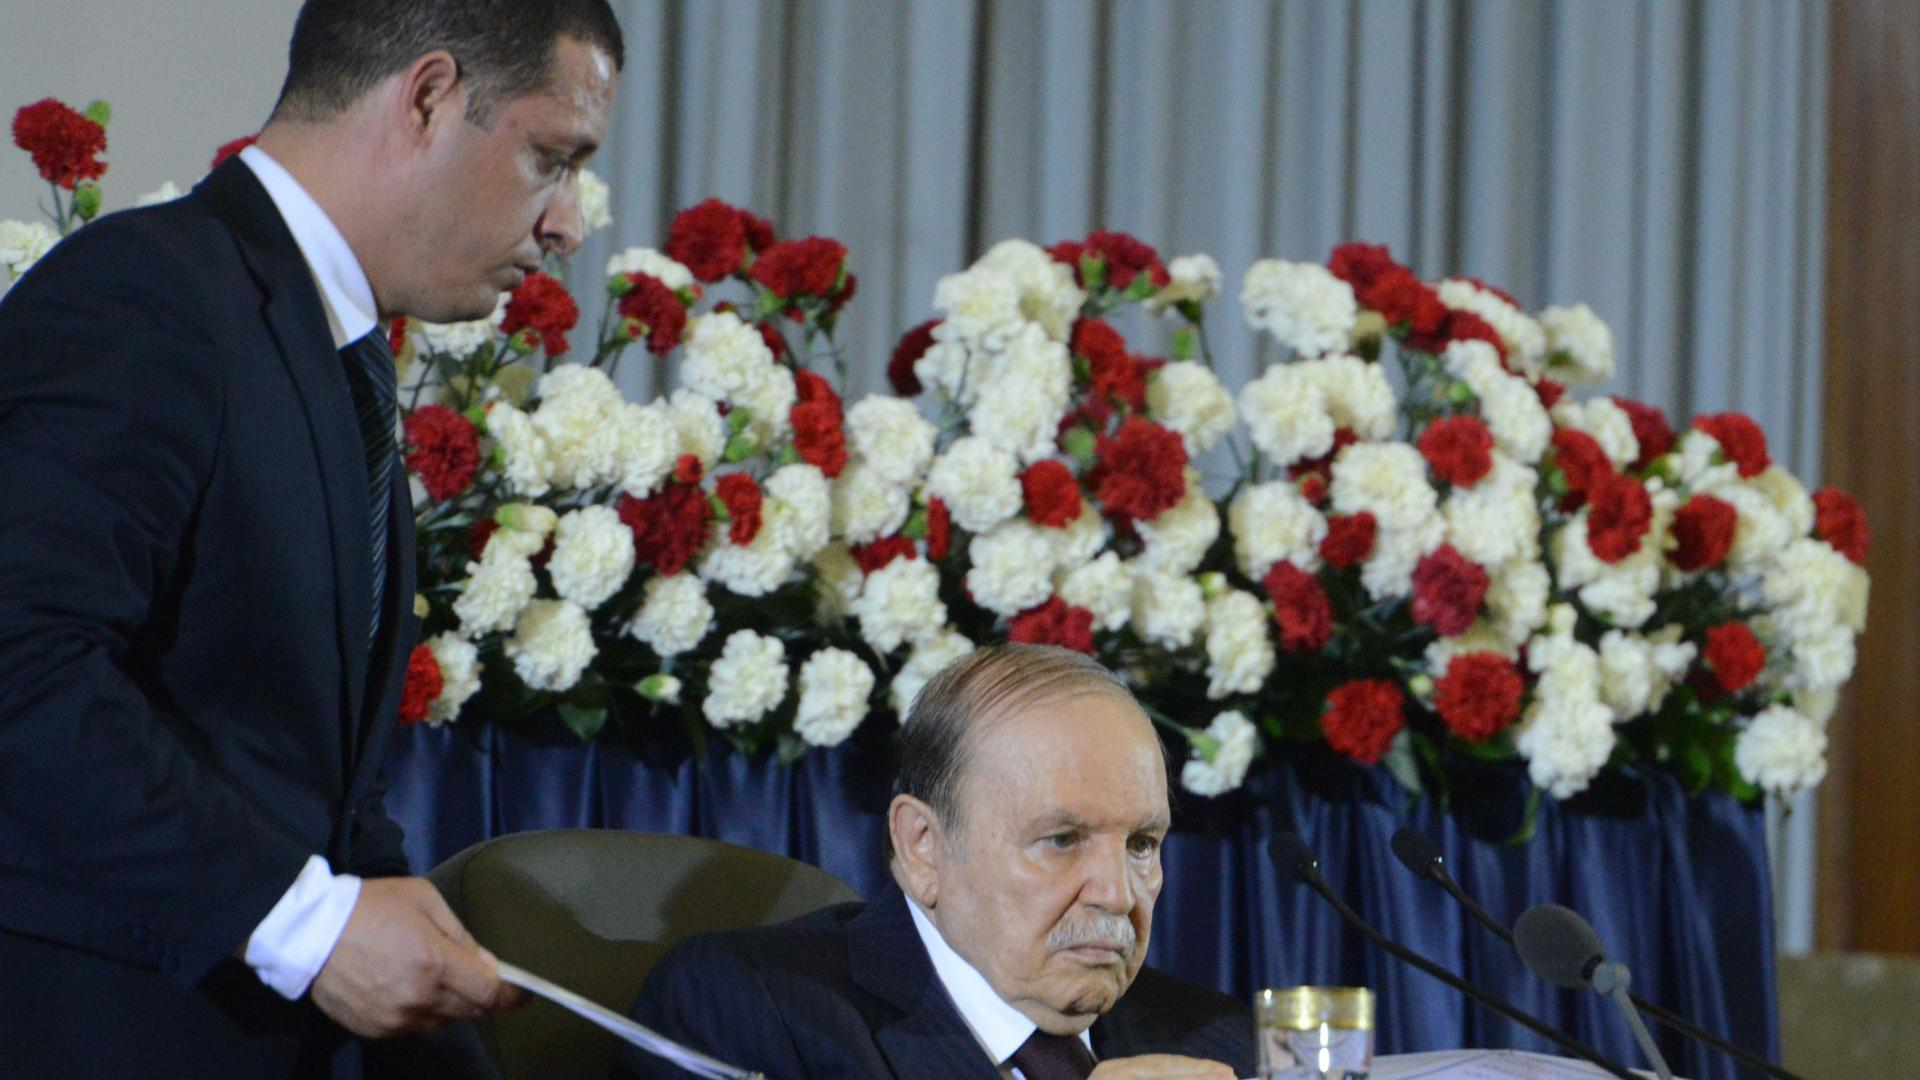 قبل شهرين من الانتخابات الرئاسية.. بوتفليقة يعين مستشاره رئيسا للمجلس الدستوري في الجزائر